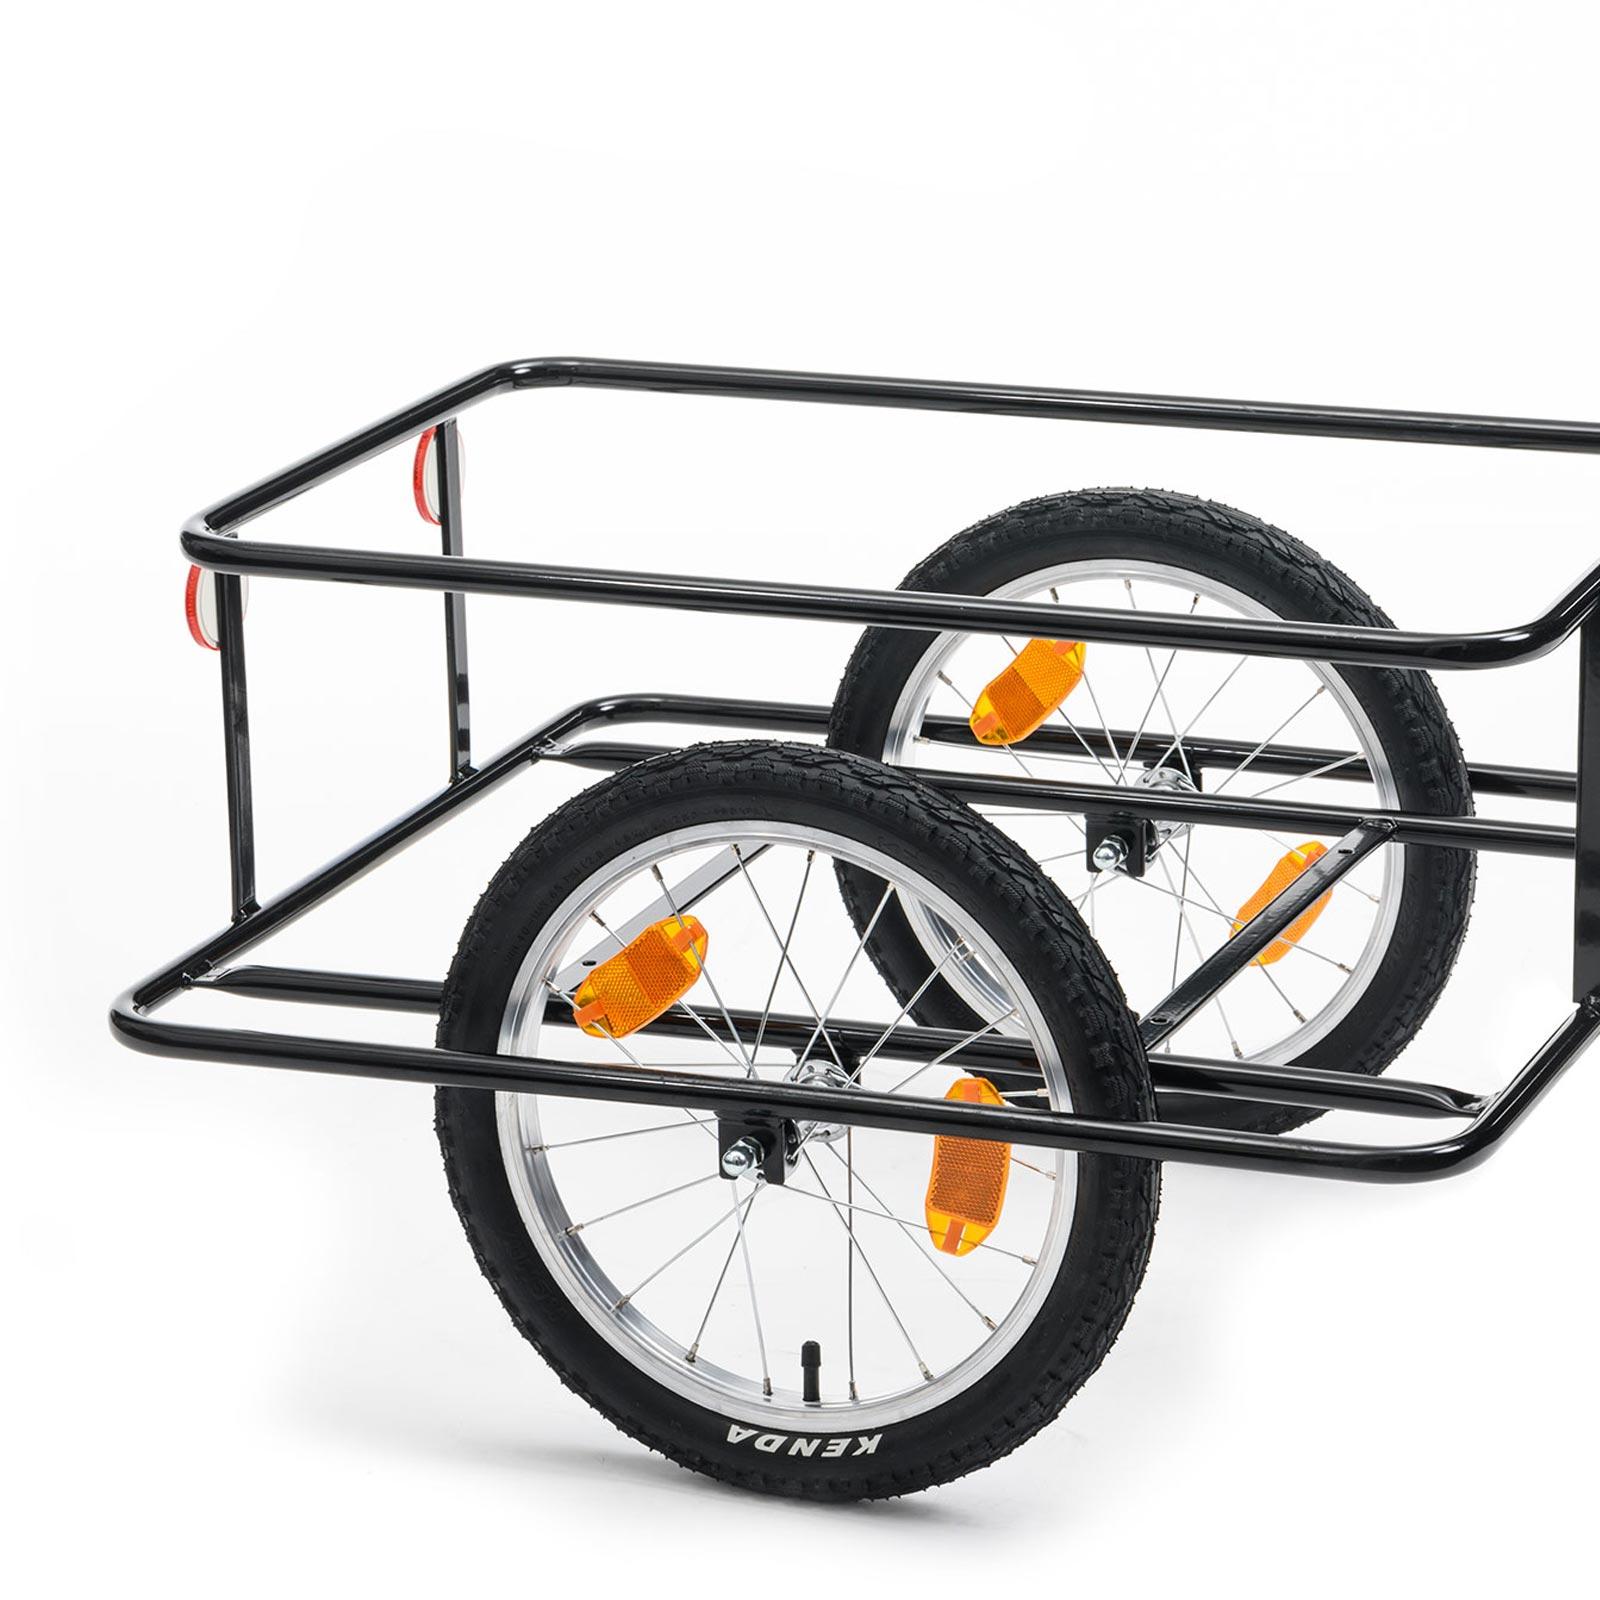 transportanh nger roland big boy typ c tiefdeichsel inkl kupplung f r fahrrad ebay. Black Bedroom Furniture Sets. Home Design Ideas